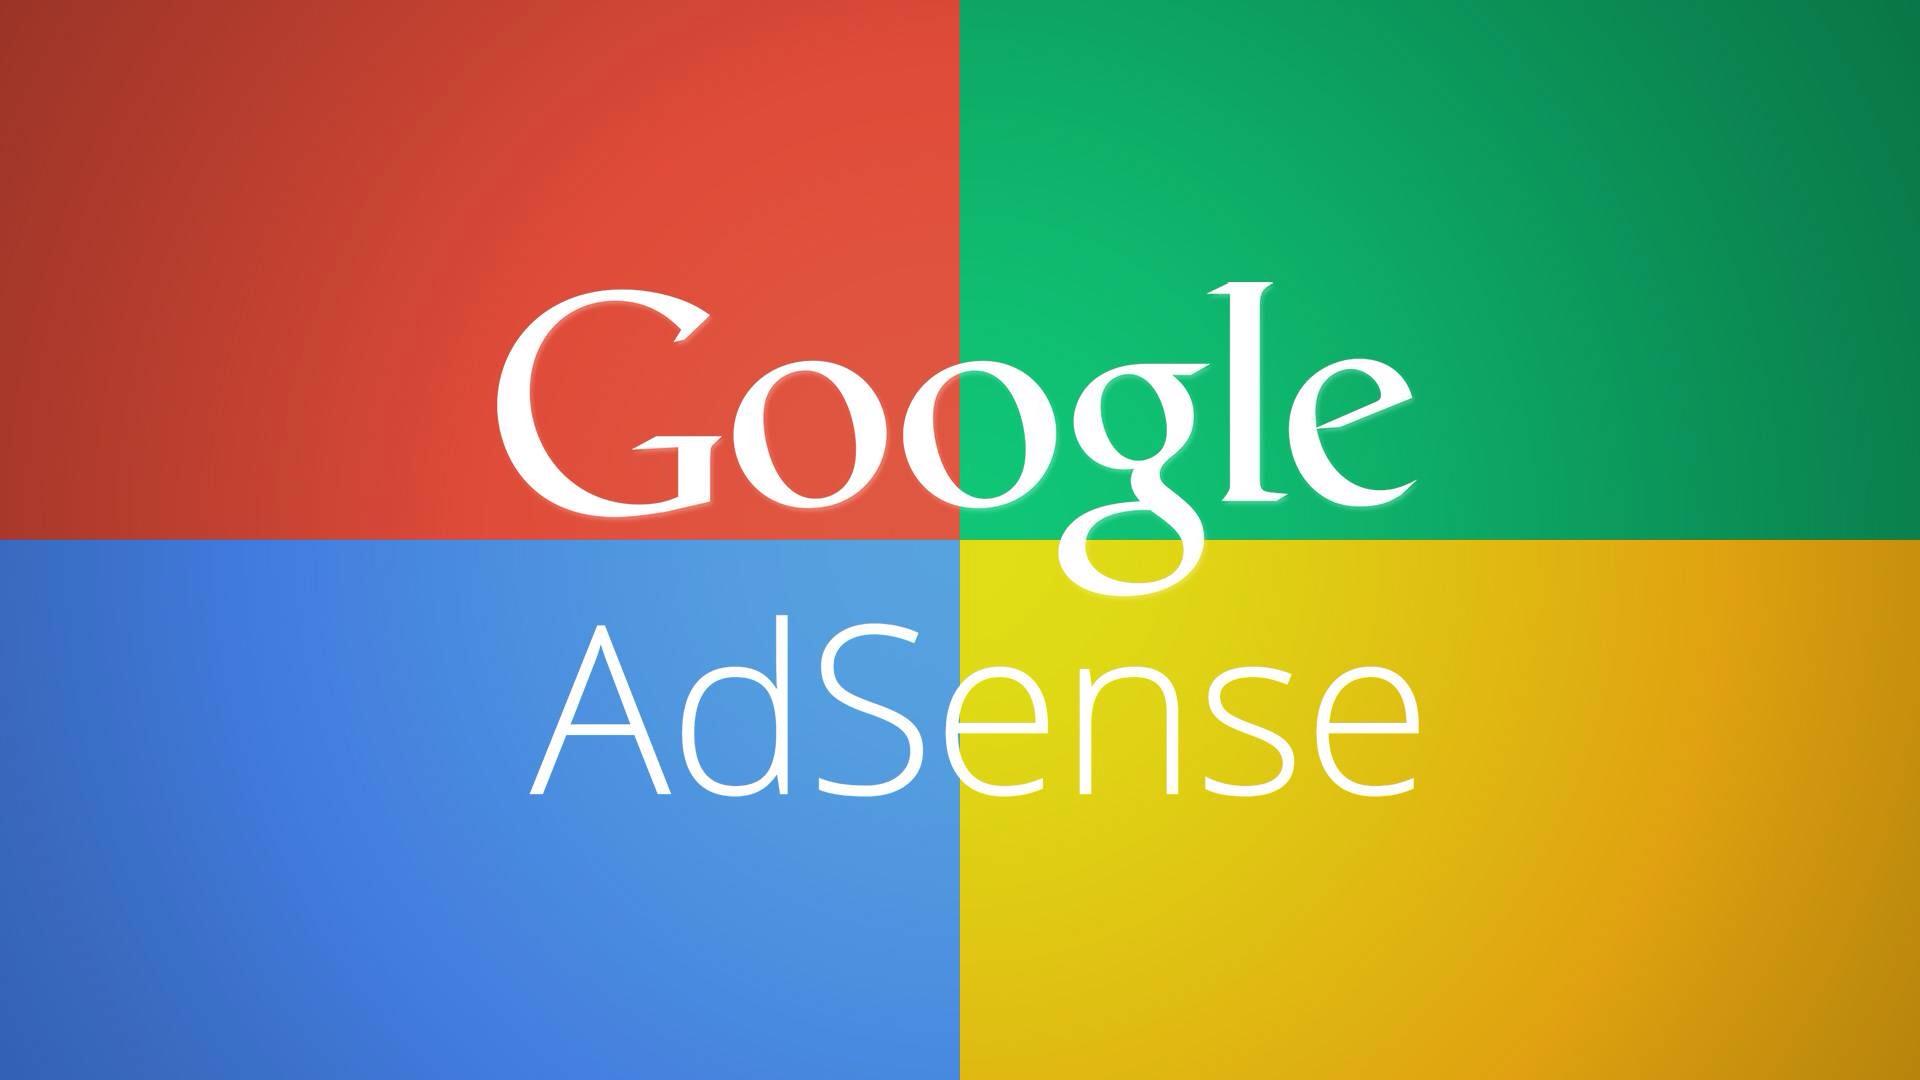 Google AdSense представил полноэкранные встроенные объявления